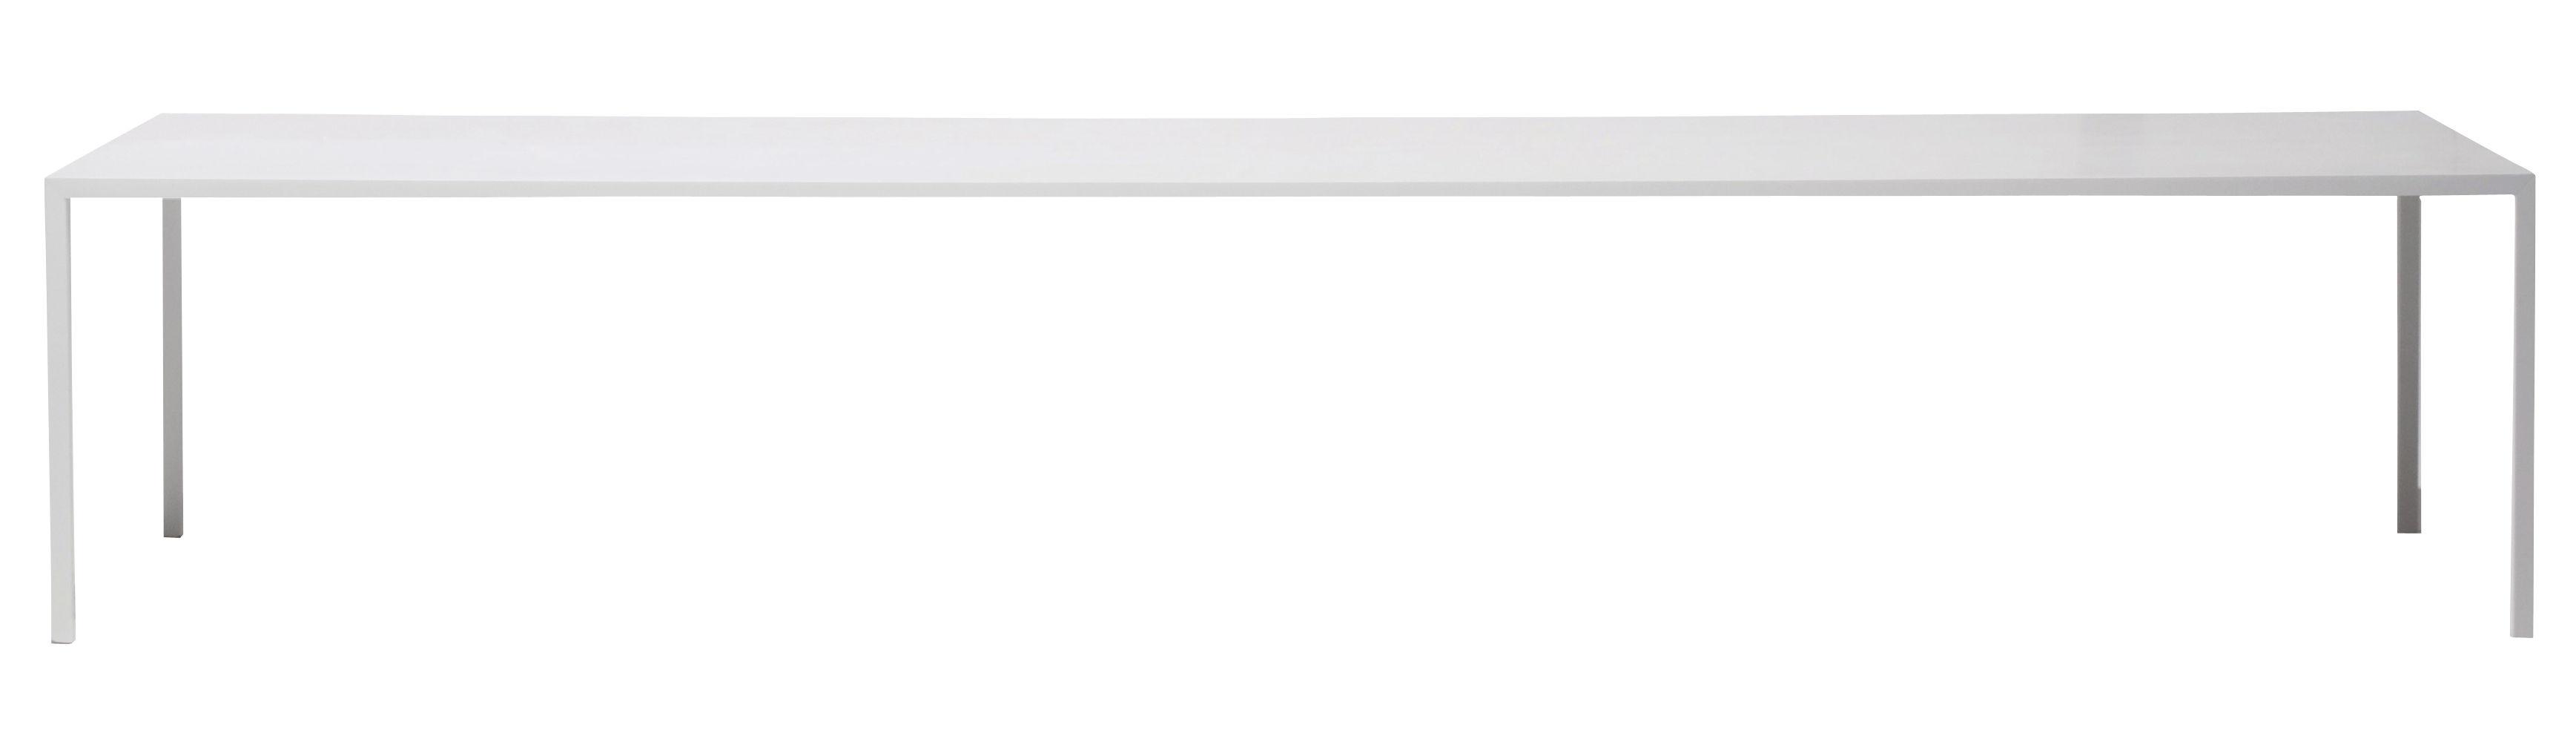 Mobilier - Mobilier d'exception - Table Tense / 120 x 300 cm - Résine acrylique - MDF Italia - 120 x 300 cm - Blanc - Aluminium revêtu de résine